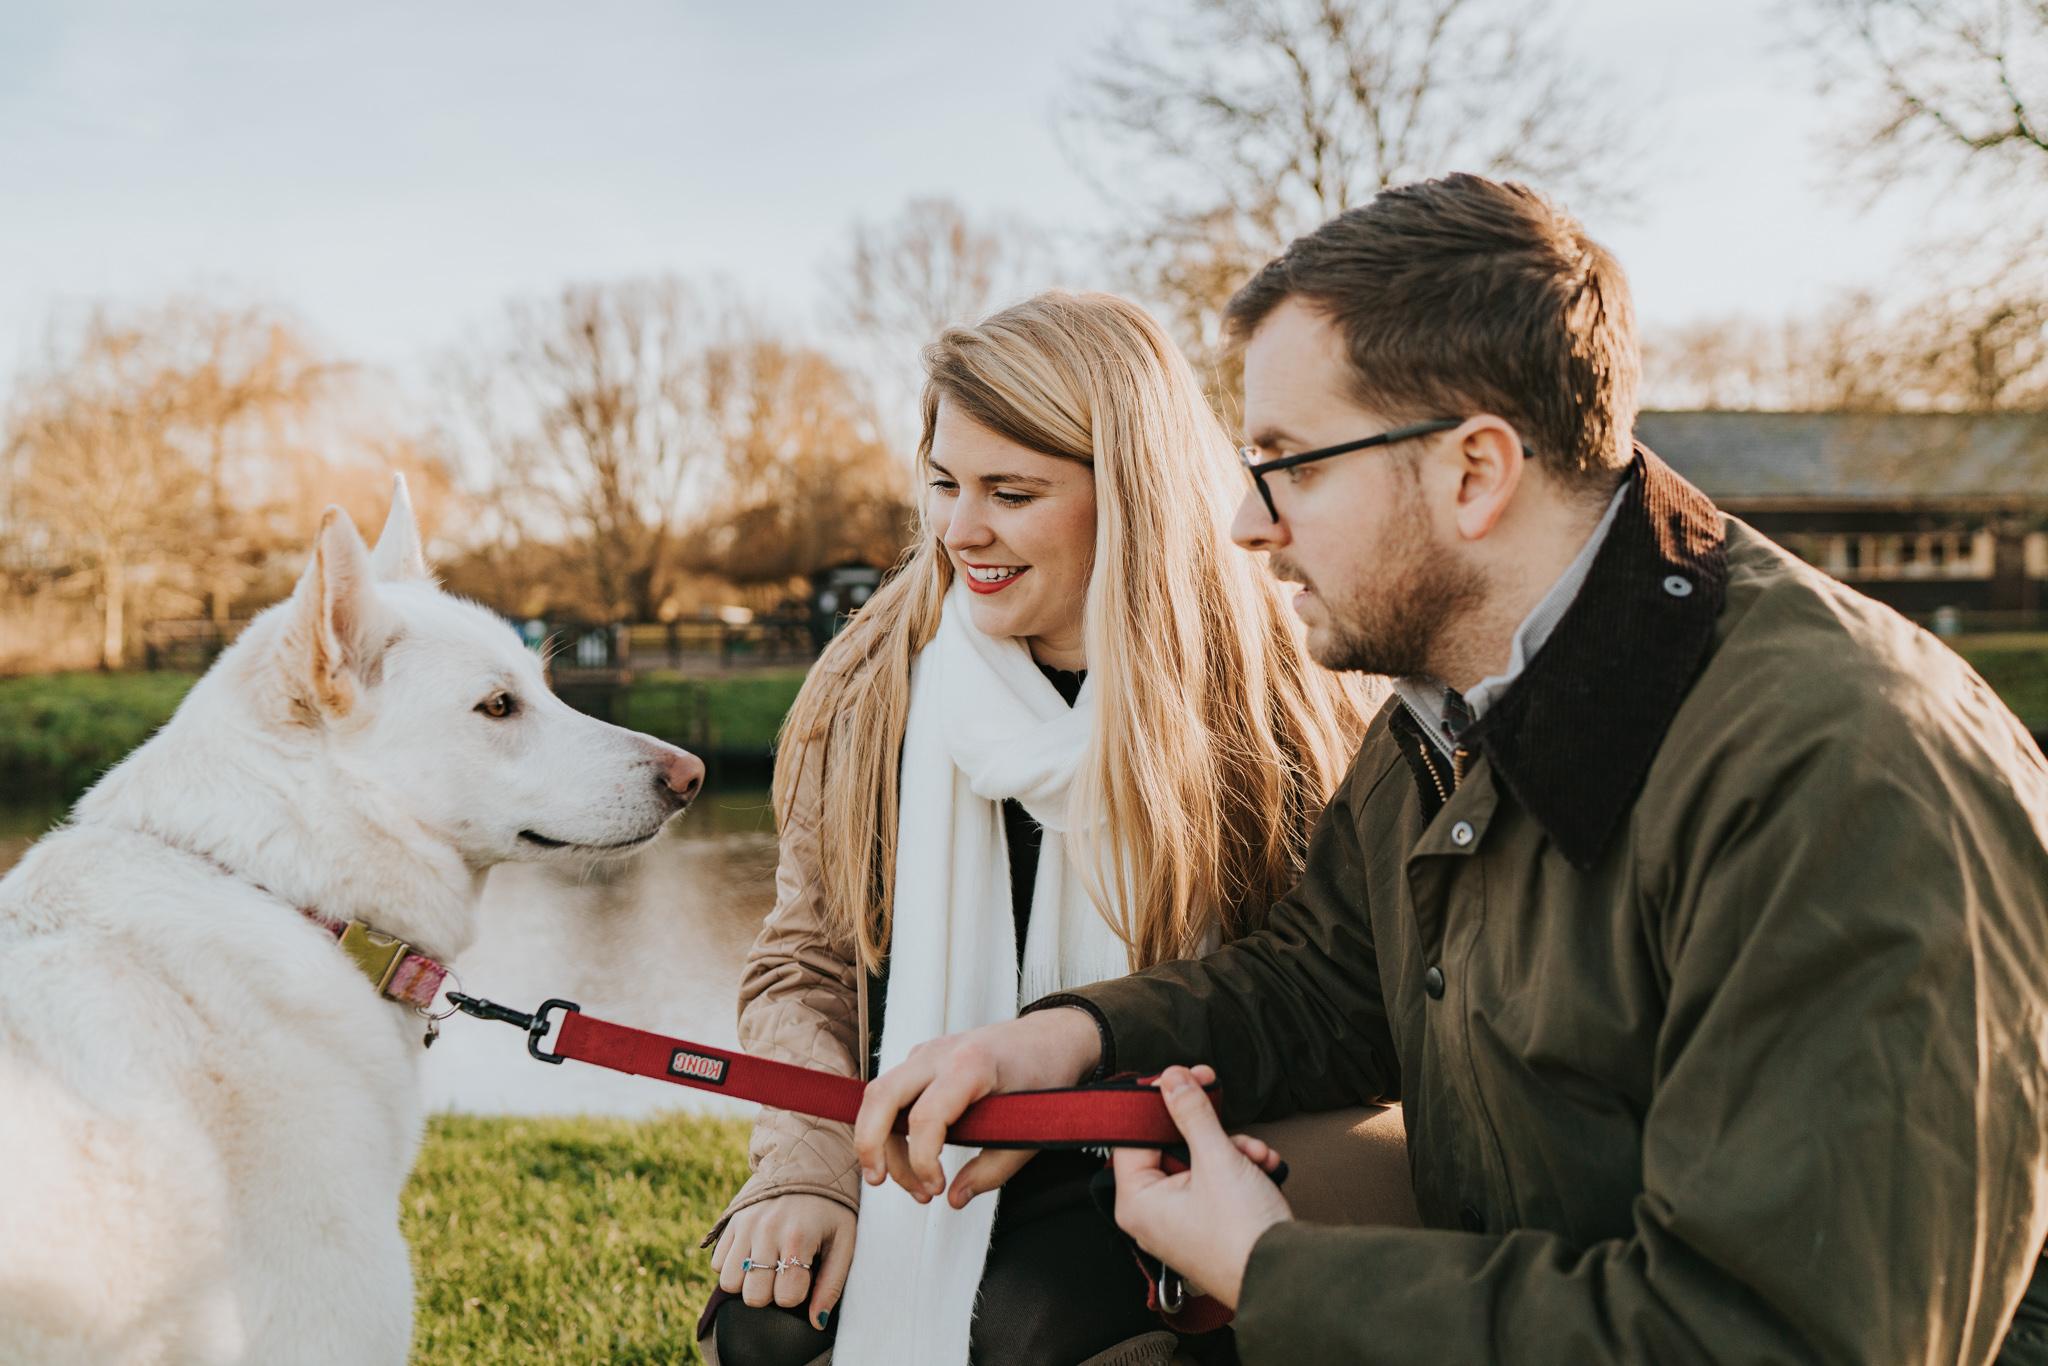 mcpherson-extended-family-session-dedham-grace-elizabeth-colchester-essex-alternative-wedding-lifestyle-photographer-essex-suffolk-norfolk-devon (14 of 57).jpg